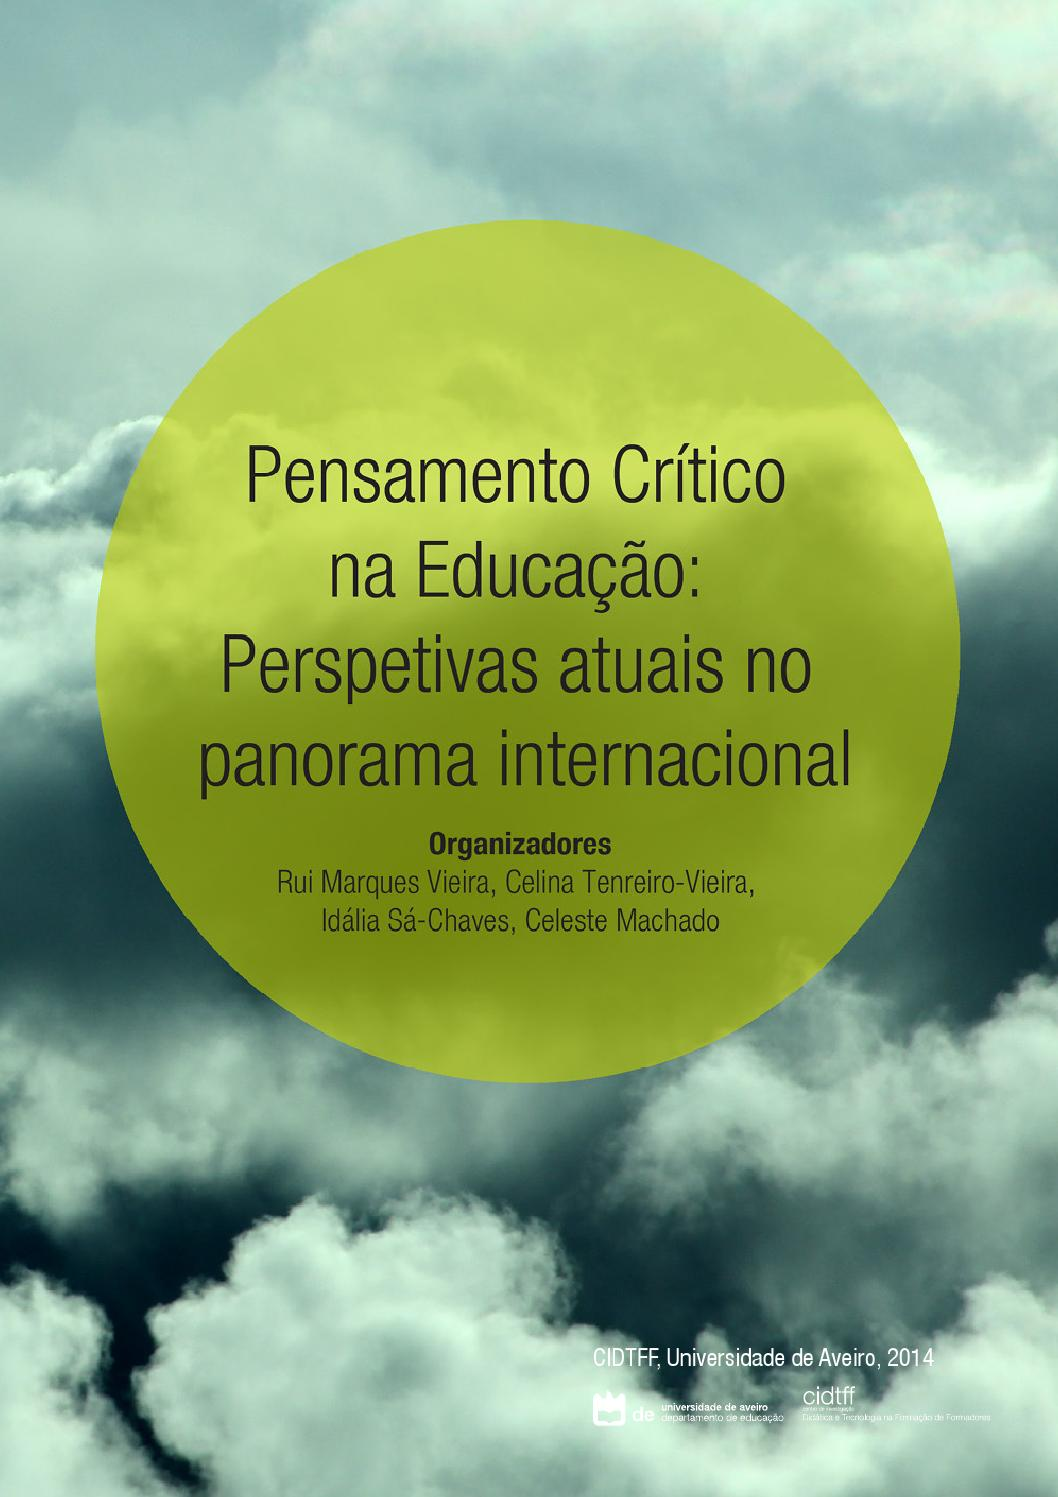 Pensamento Crítico 2013 By Rede Pensamento Crítico Issuu